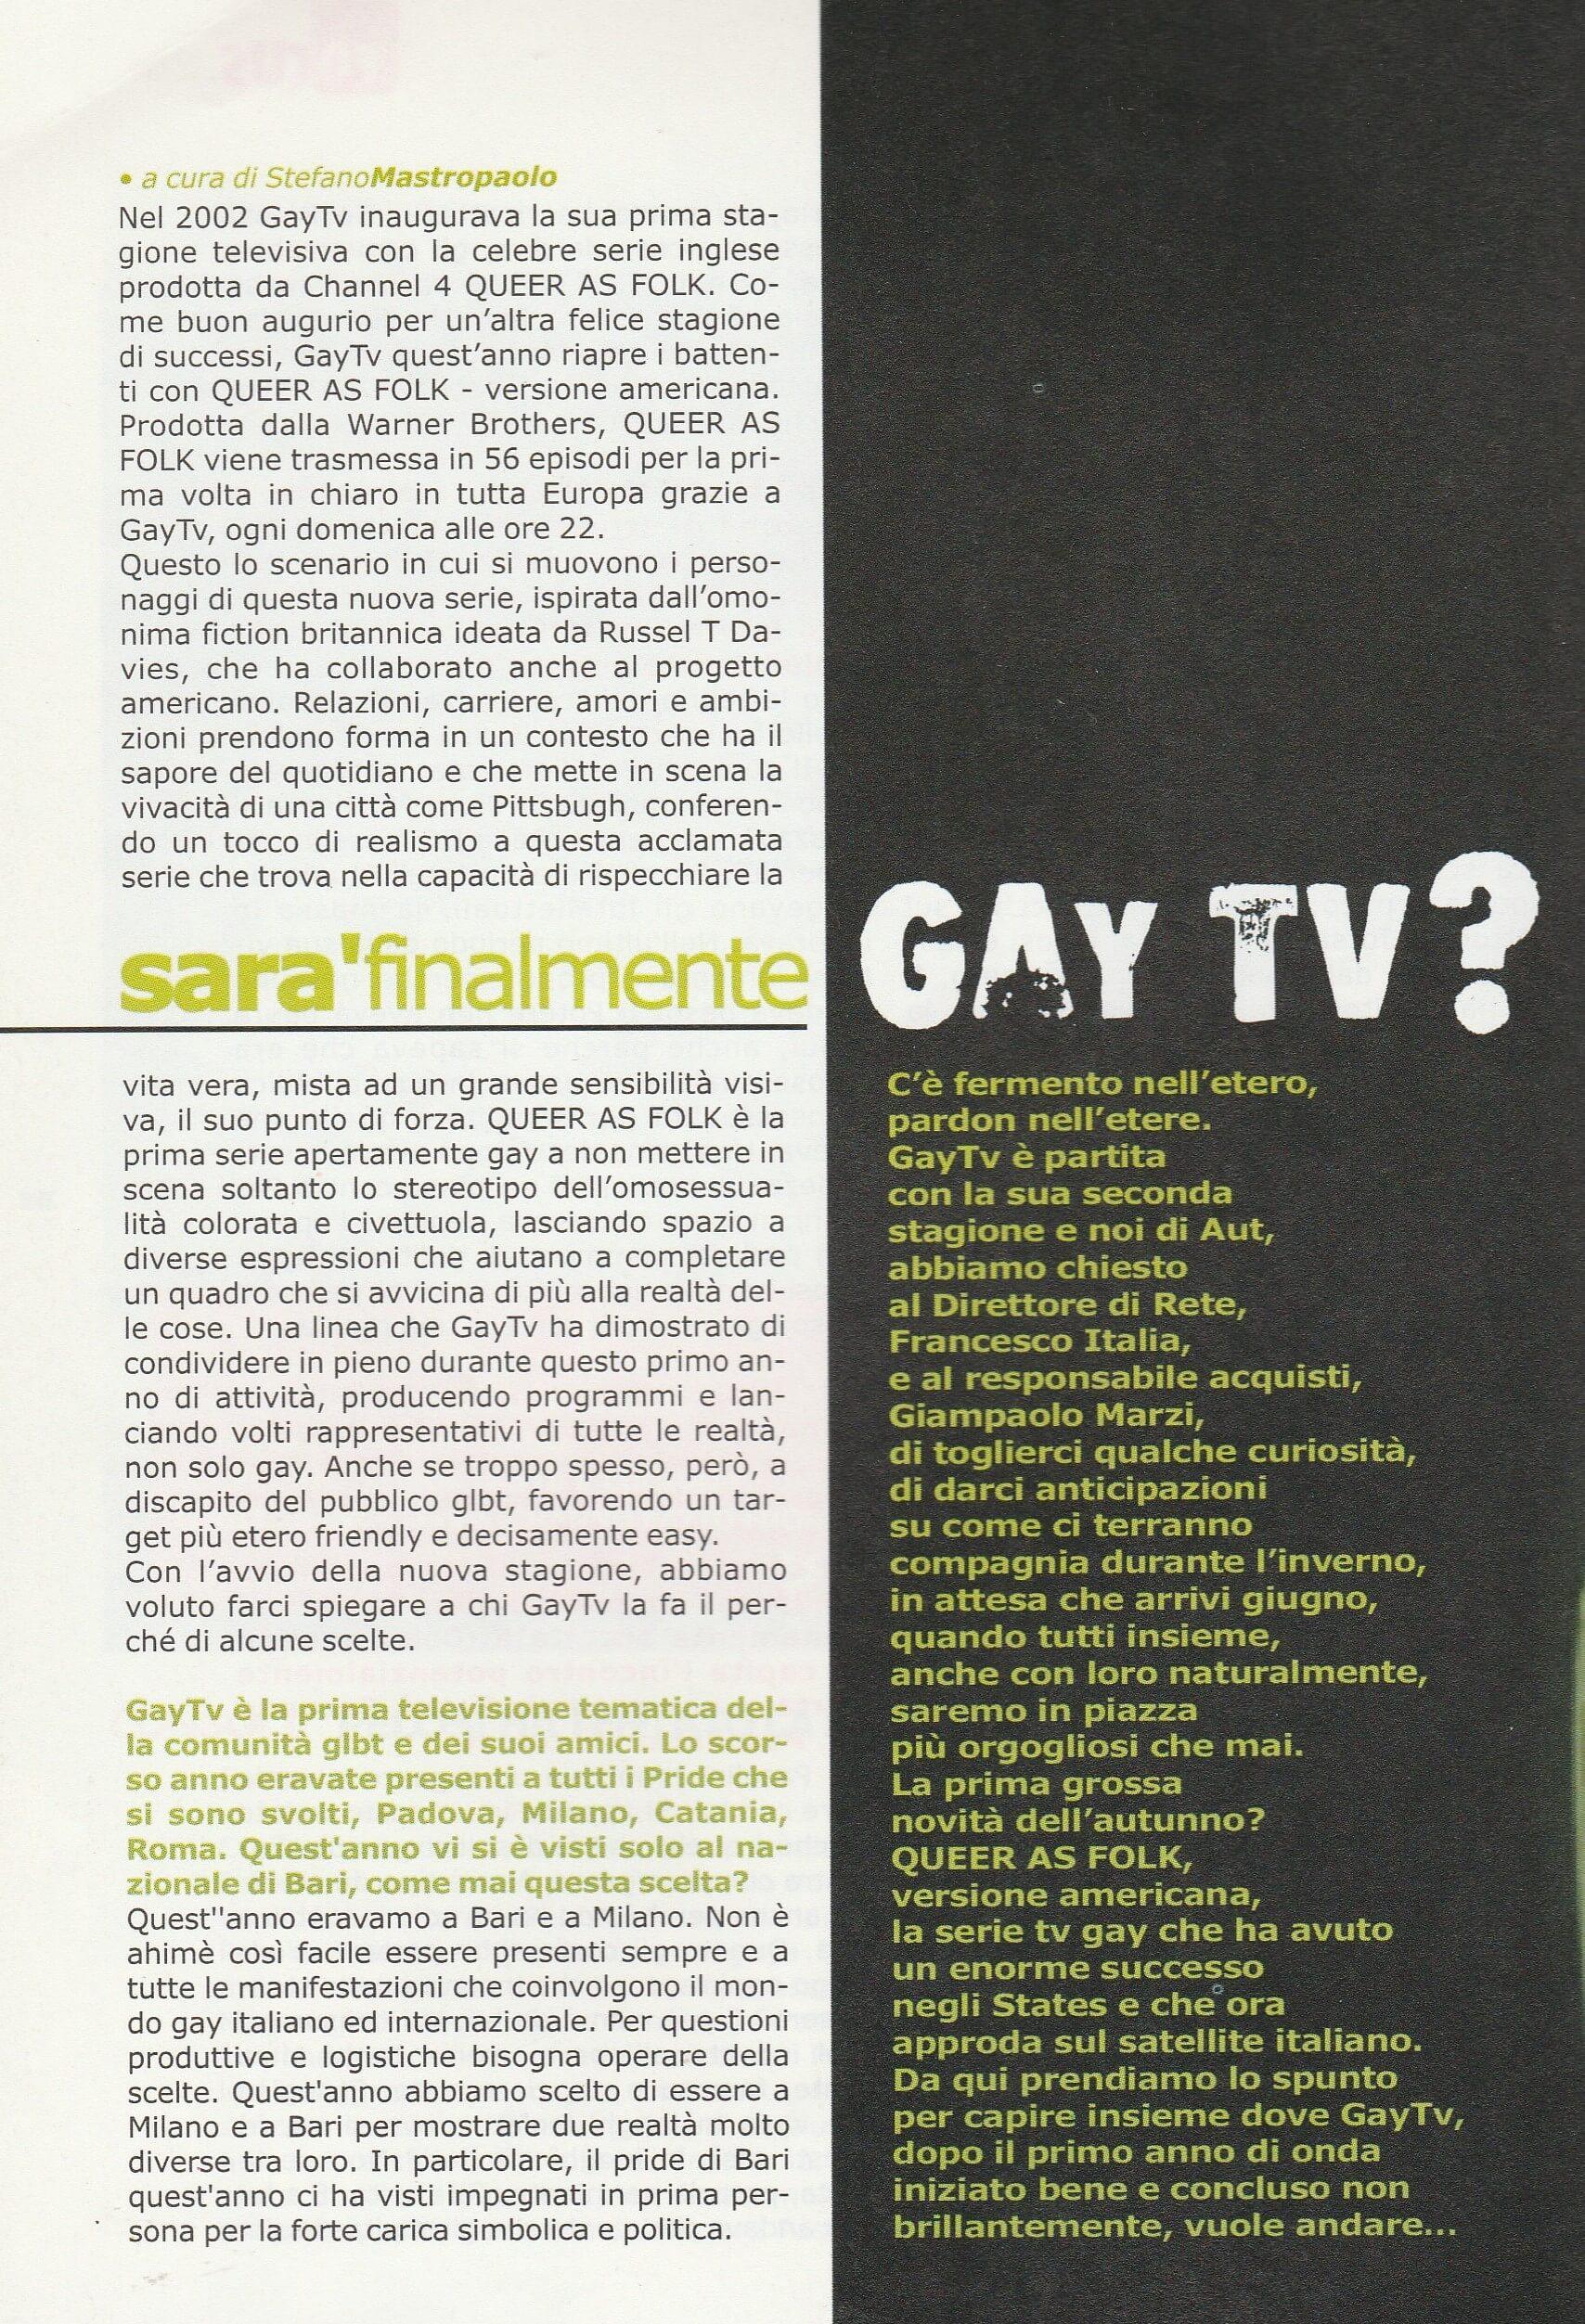 """Nel 2002 nasce GAY.tv, la prima emittente televisiva italiana rivolta principalmente ad un pubblico LGBTQ. In questo articolo apparso sul periodico """"Aut"""" nel novembre 2003 si fa il punto sulla situazione del canale, ad un anno dalla sua apertura."""